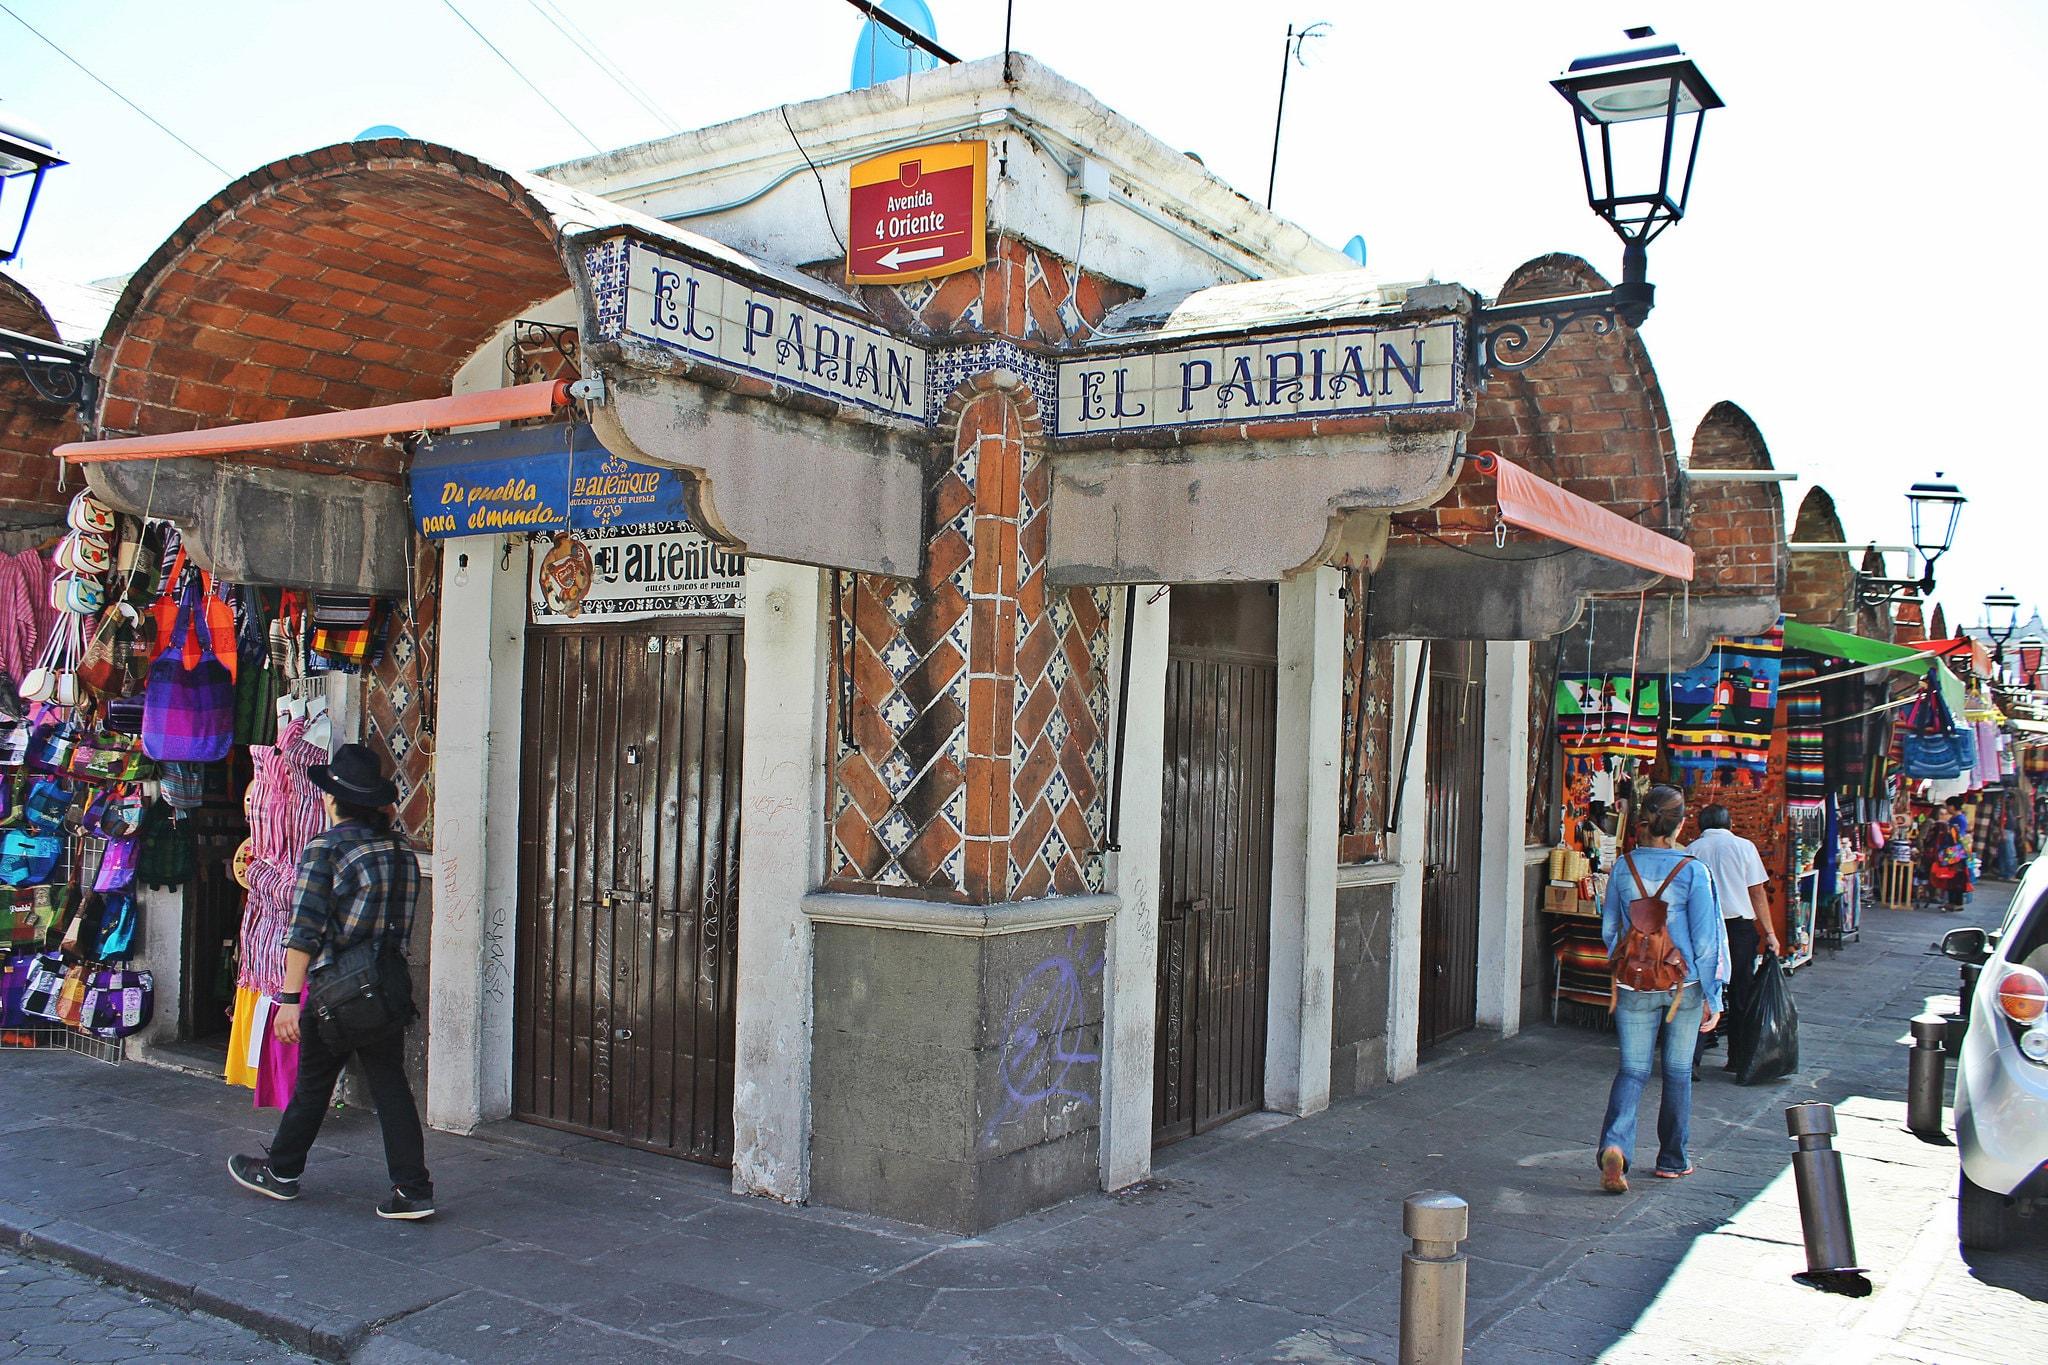 Mercado El Parián desde la calle 4 Oriente.